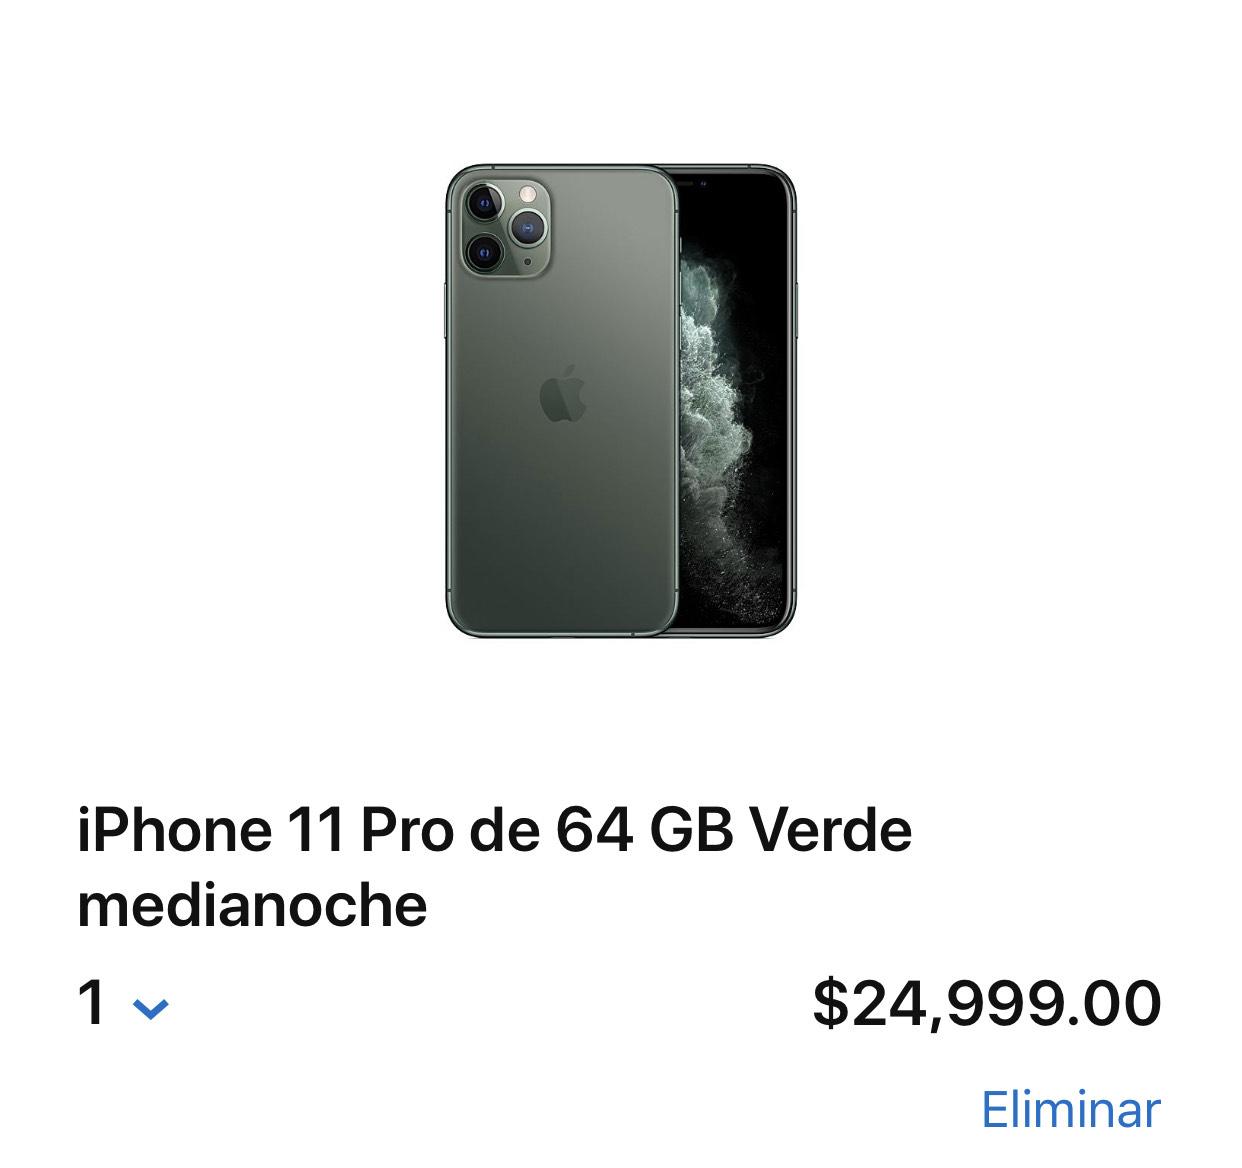 3844460-0D9e3.jpg